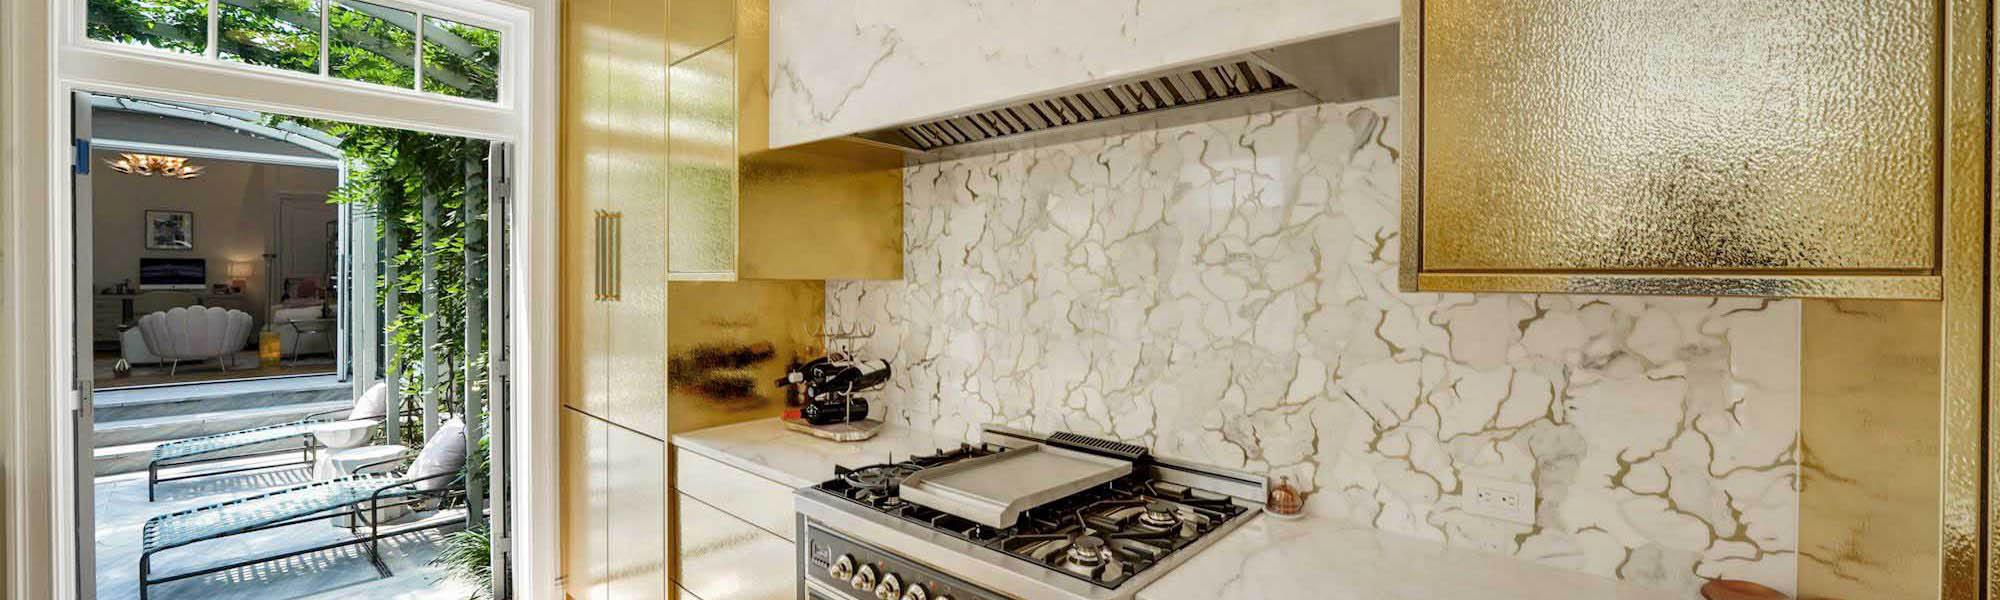 Elegant Brownstone Renovation in Georgetown - Kitchen